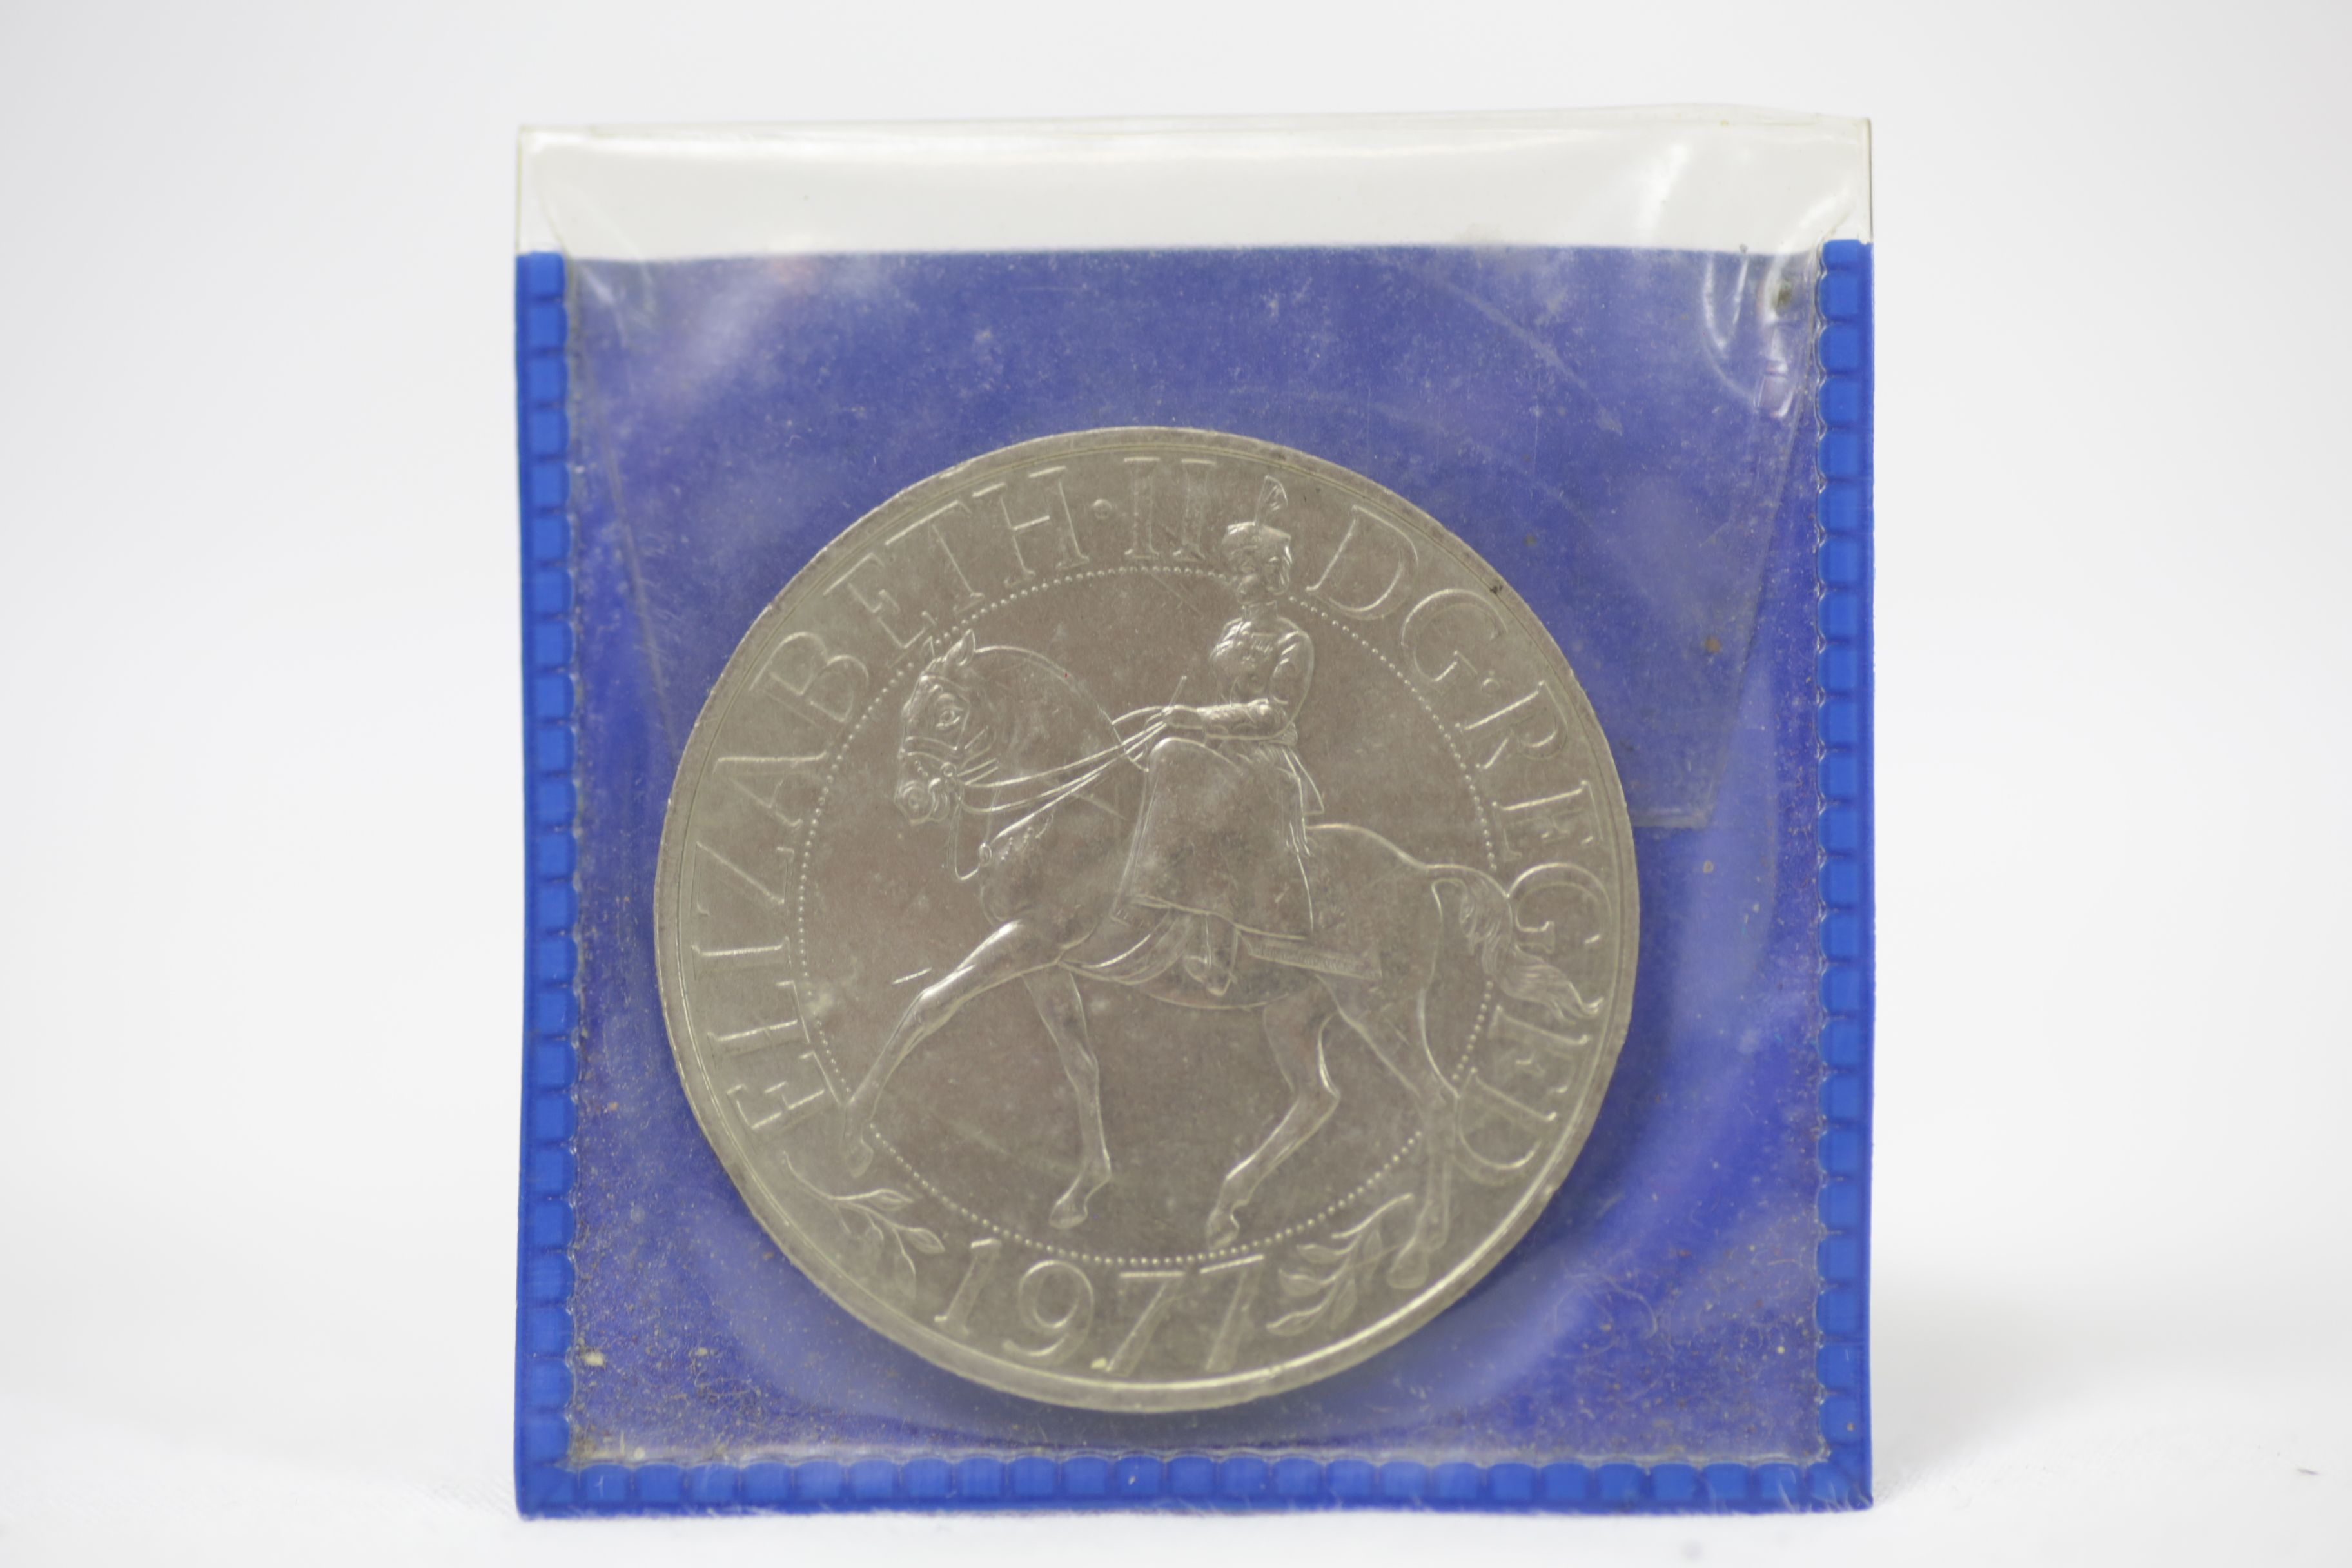 1977 Silver Jubilee Elizabeth II Silver Proof Coin